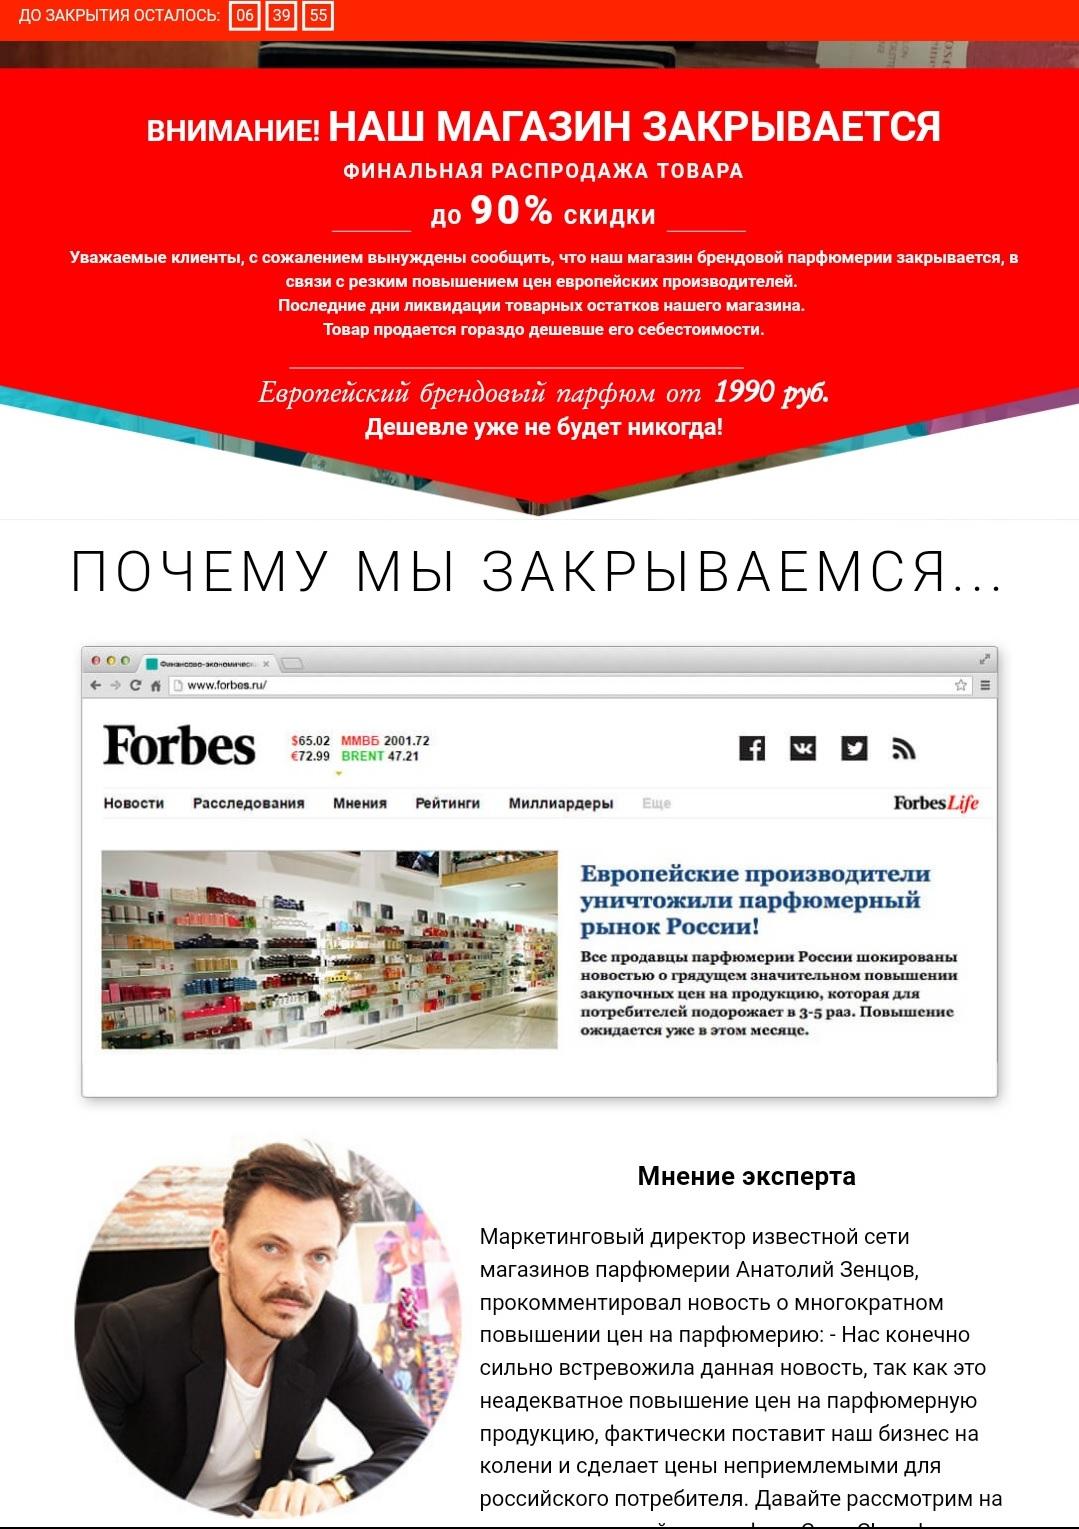 2c8a93d81fef 5 мифов о контрафактных товарах в интернете   Rusbase